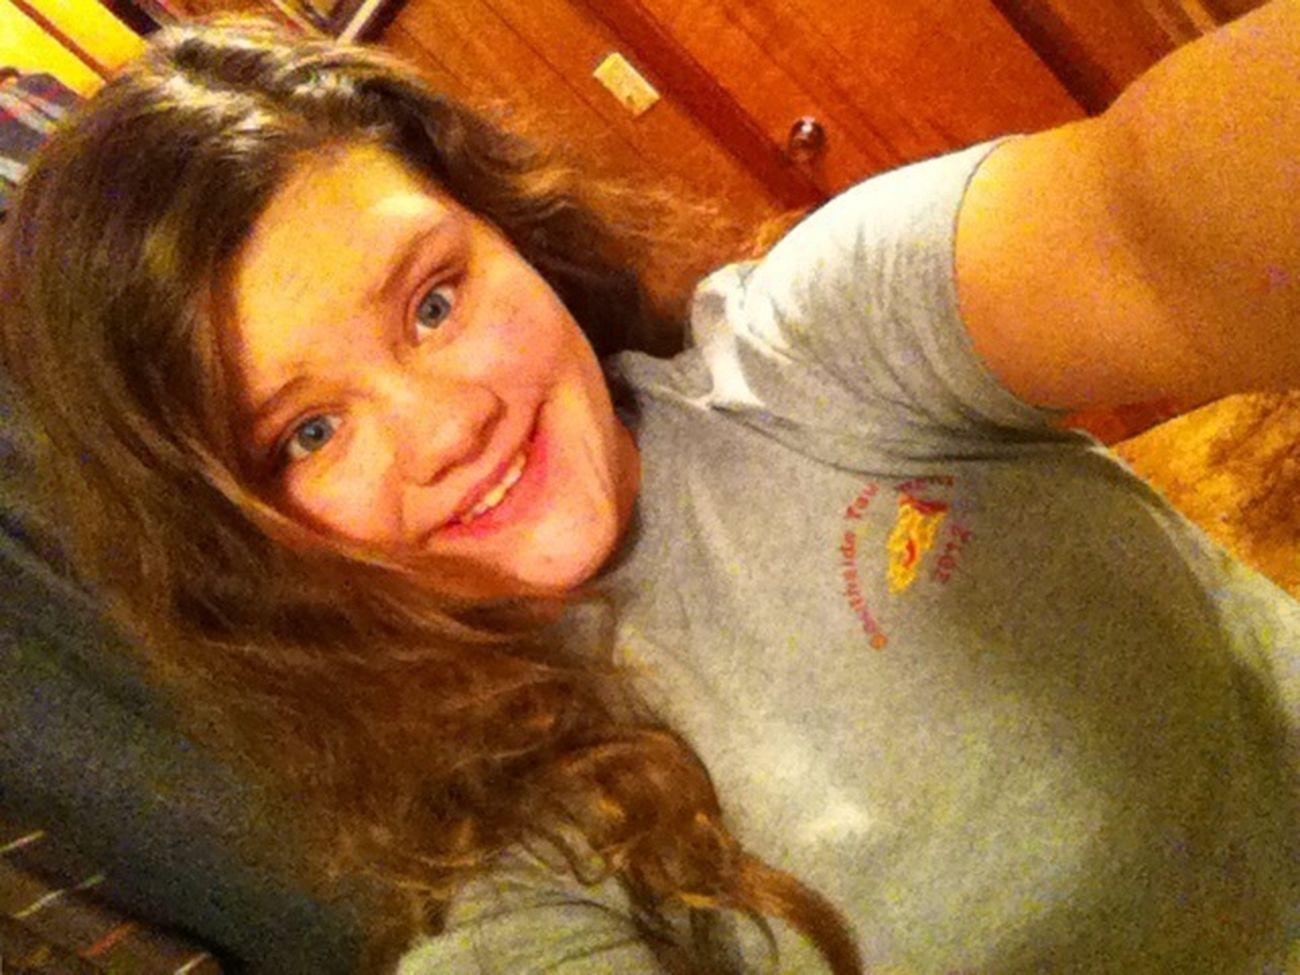 Curlss